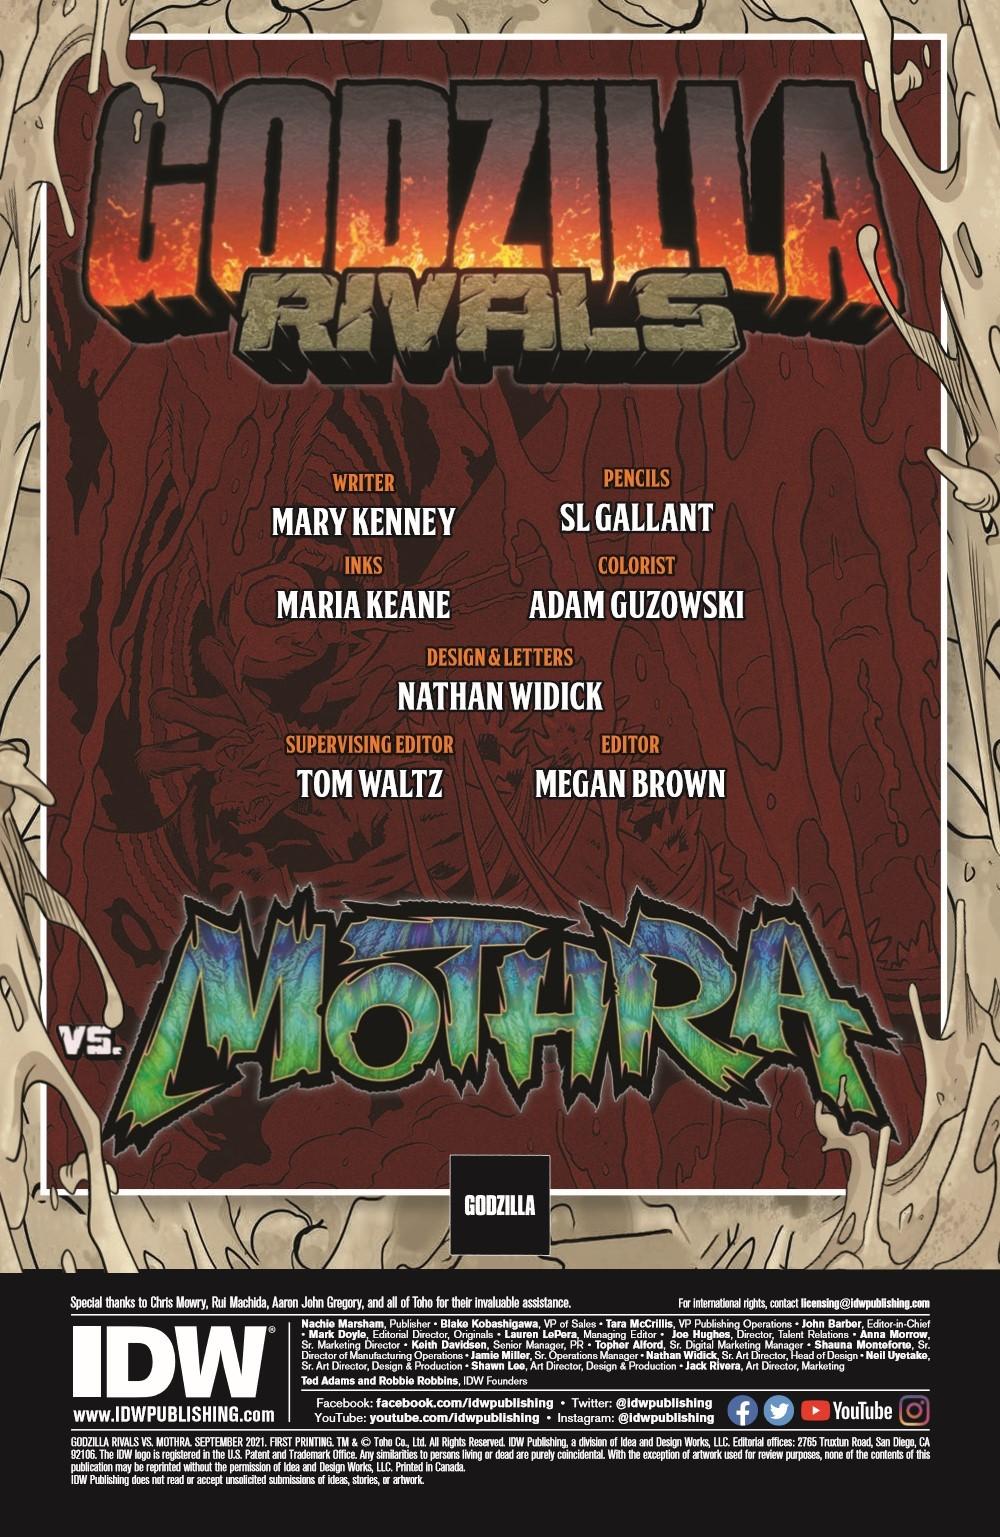 Godzilla_Rivals_2_pr-2 ComicList Previews: GODZILLA RIVALS VS MOTHRA #1